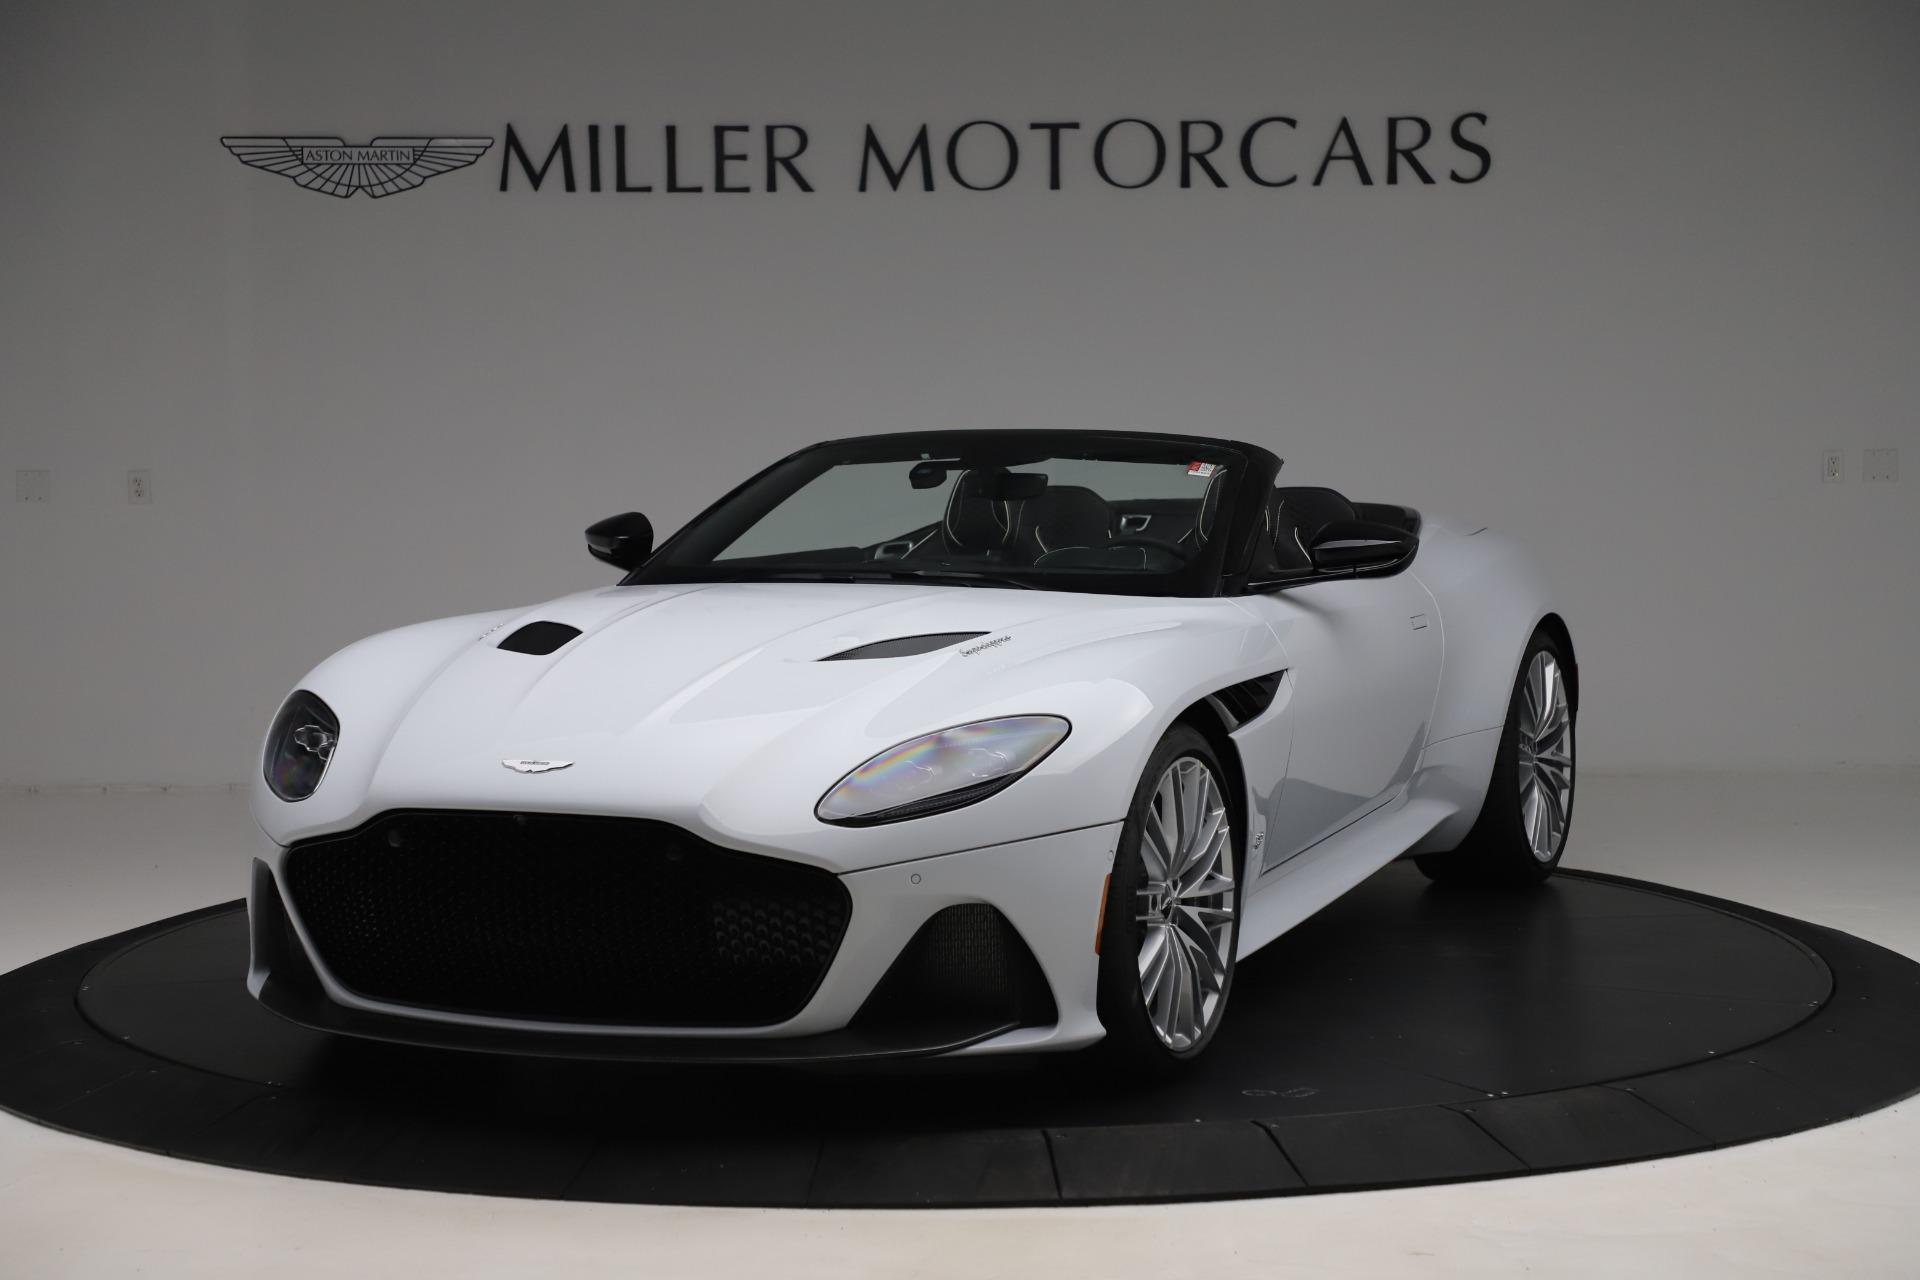 New-2020-Aston-Martin-DBS-Superleggera-Volante-Convertible